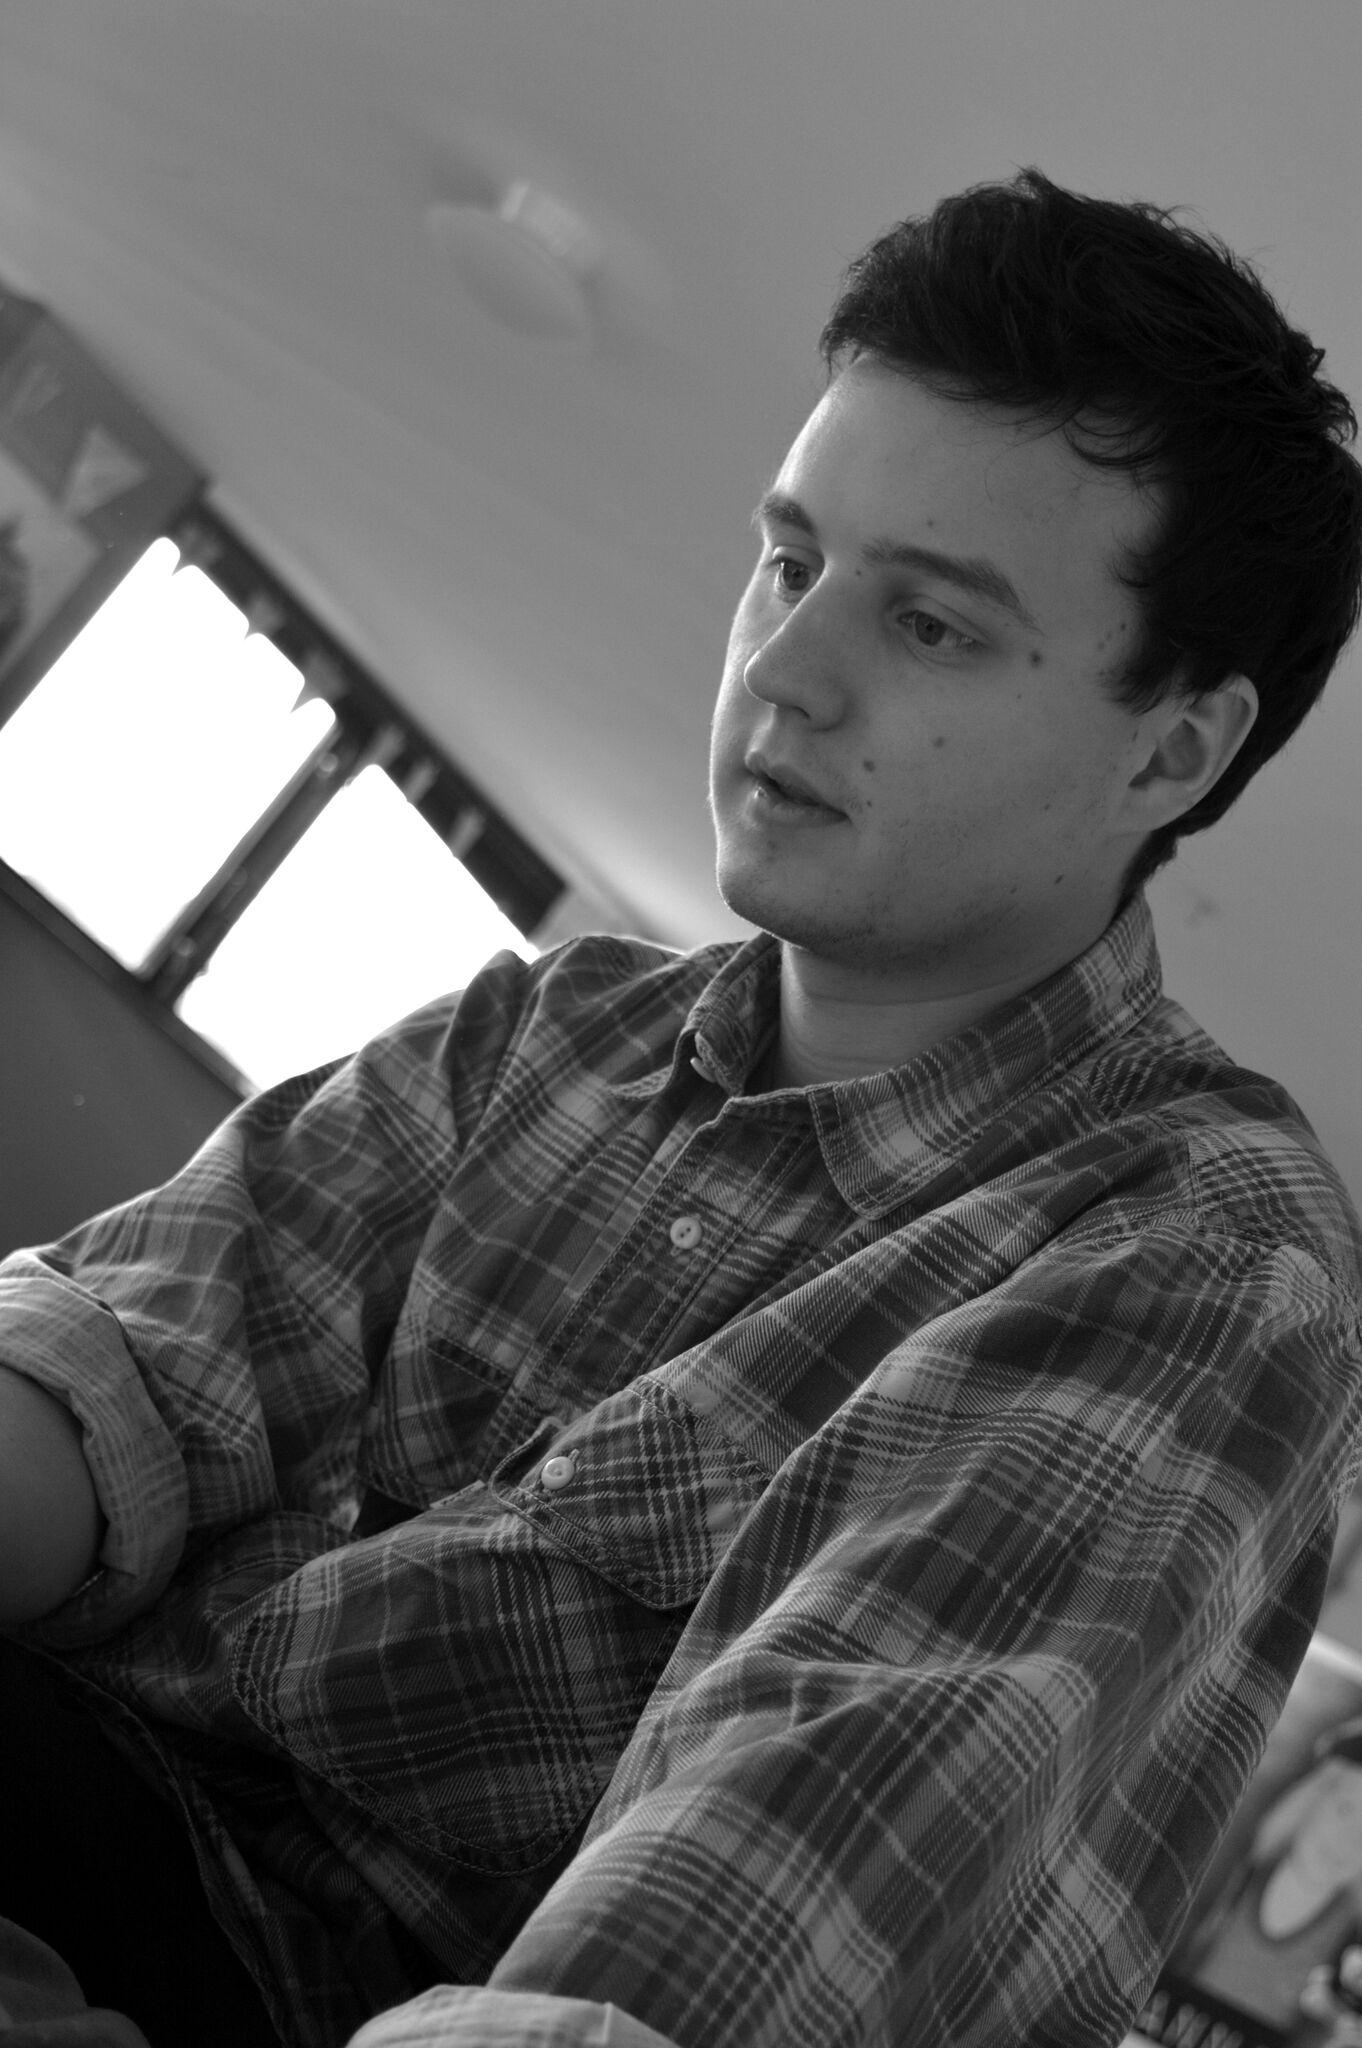 Simon Väderklint  Är grundare av Studio Emanuel och är ljudboks-ansvarig. Simon är också den som mixar och mastrar all musik som kommer ifrån Studio Emanuel.   Har en stor passion för ljudböcker, och har jobbat med det sedan 2004.  Har även en examen ifrån Örebro Universitet (Konstnärlig högskole-examen) i Musikproduktion.   Kontaktuppgifter:  E-post: simon@studioemanuel.se Tel. 070 - 830 85 85